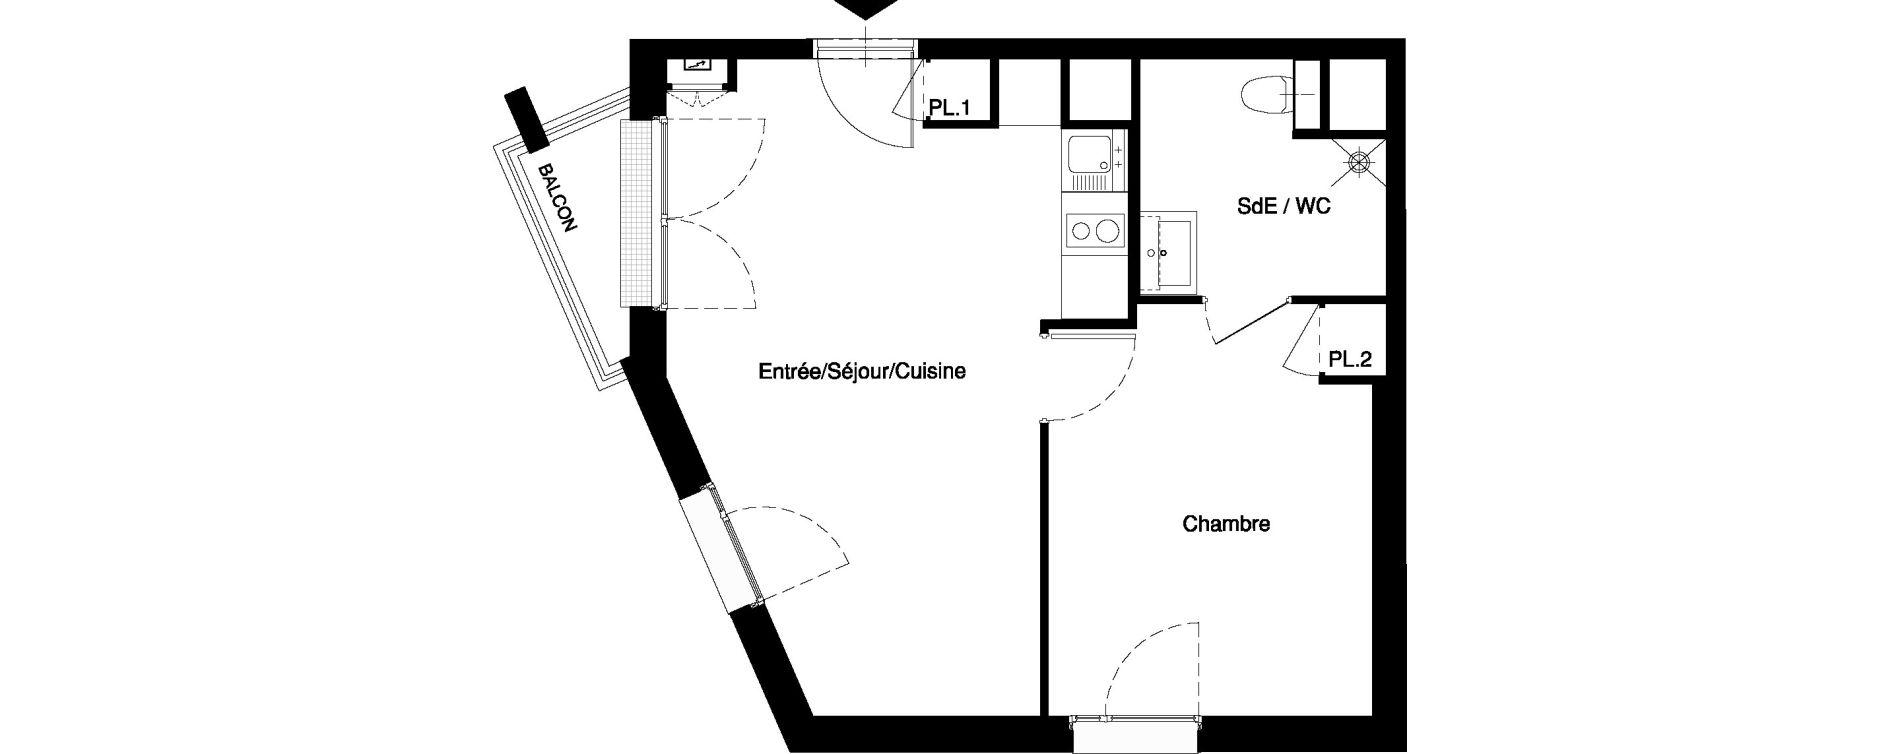 Appartement T2 meublé de 38,92 m2 à Nancy Rives de meurthe